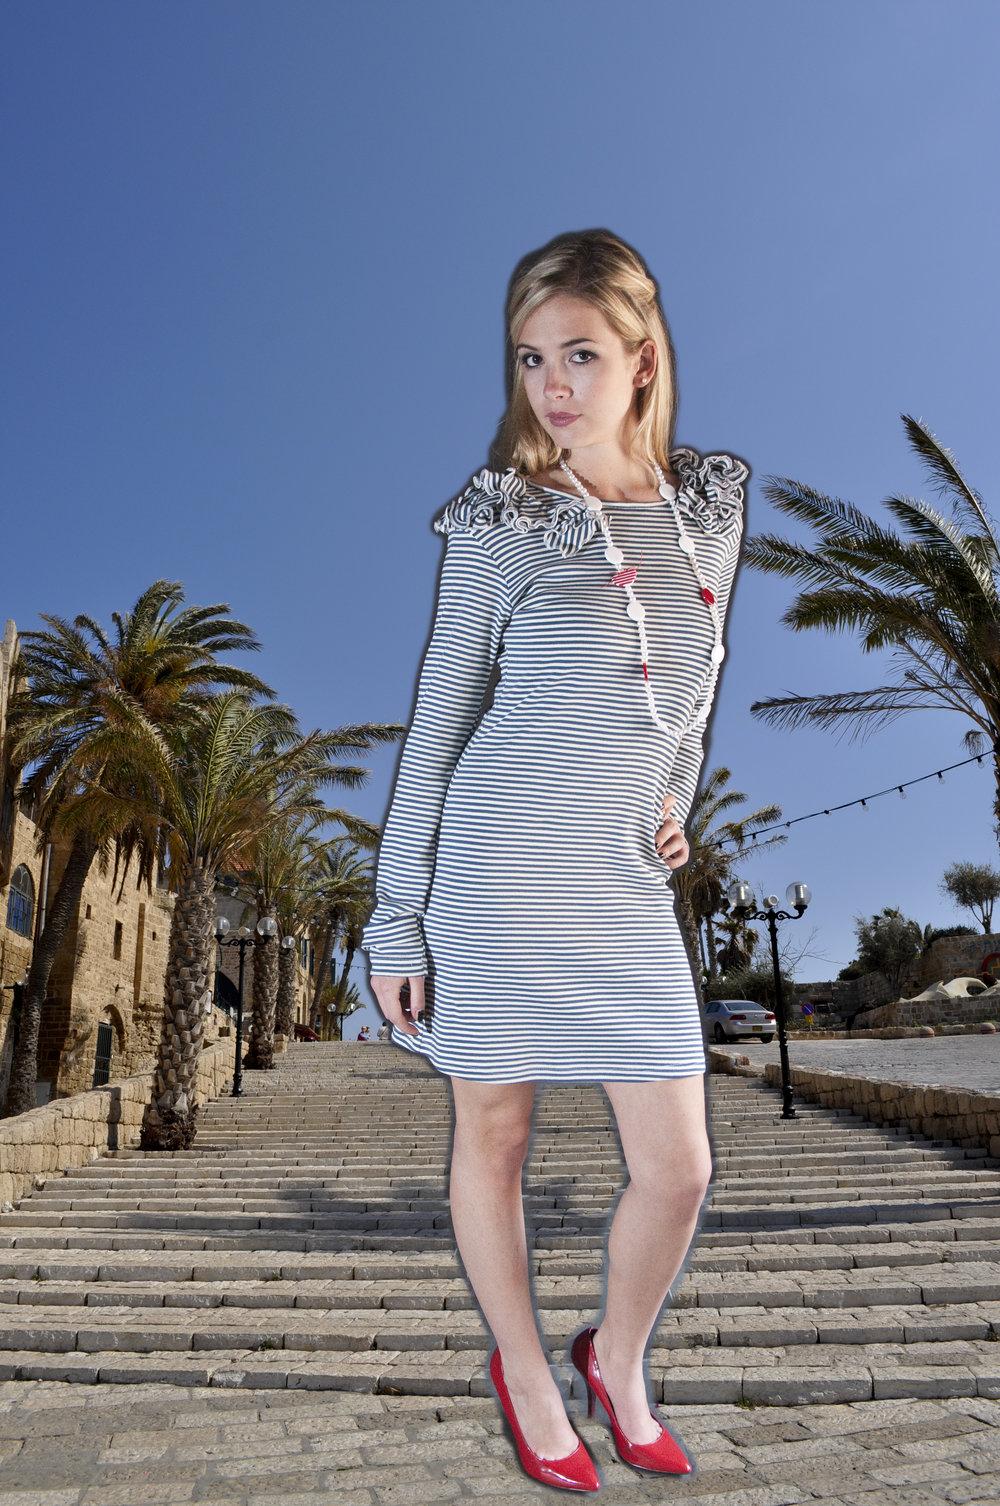 lisa.israel.jpg